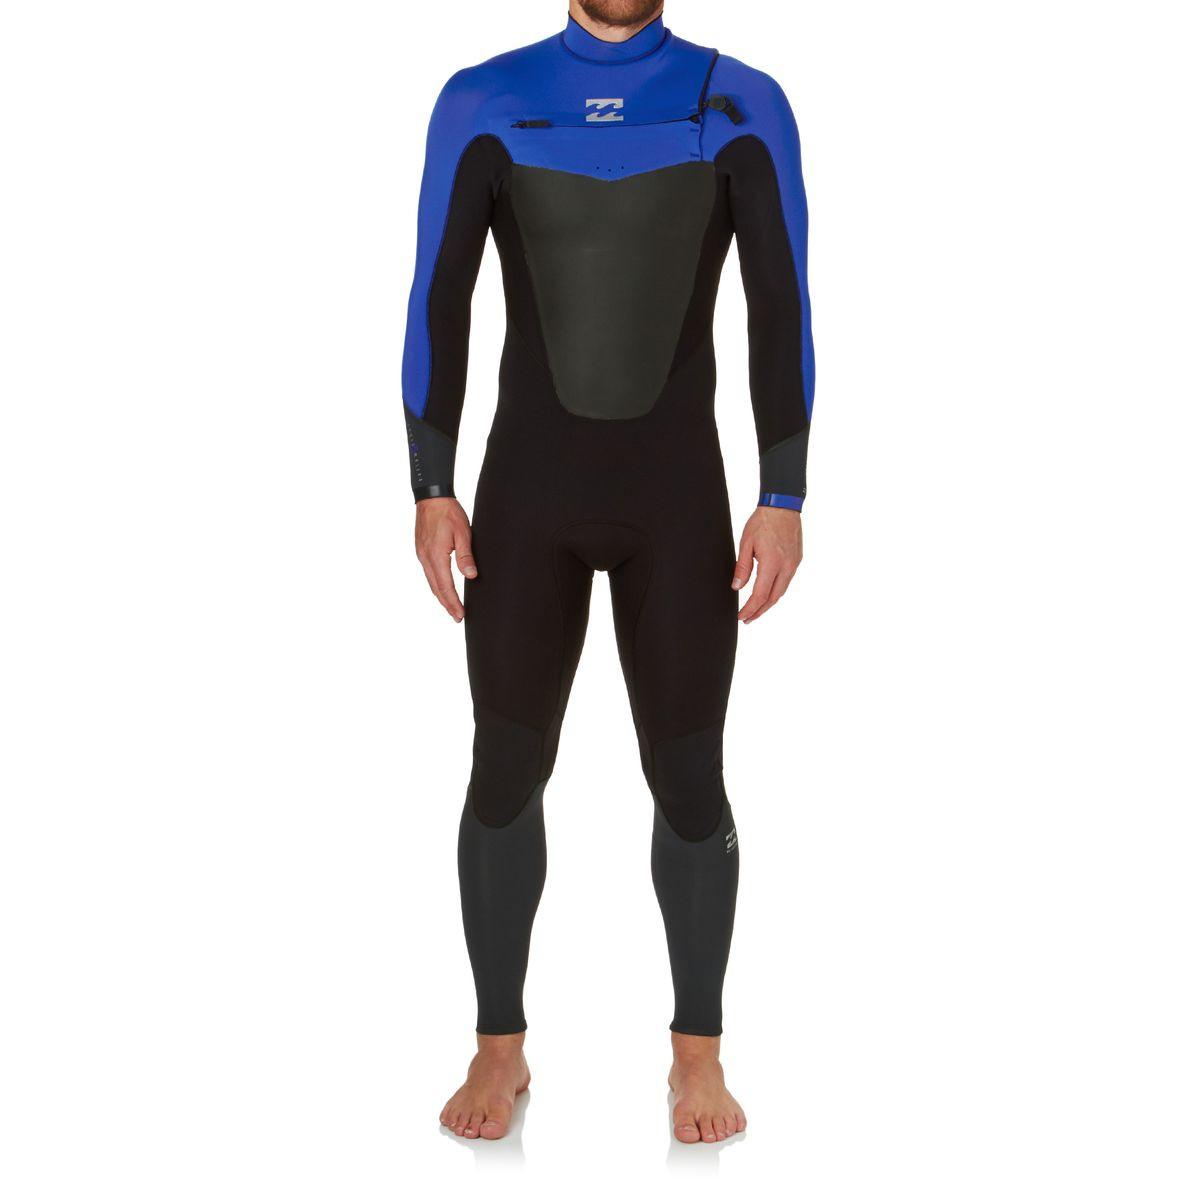 Billabong Absolute Comp 3/2mm 2017 Chest Zip Wetsuit - Ocean